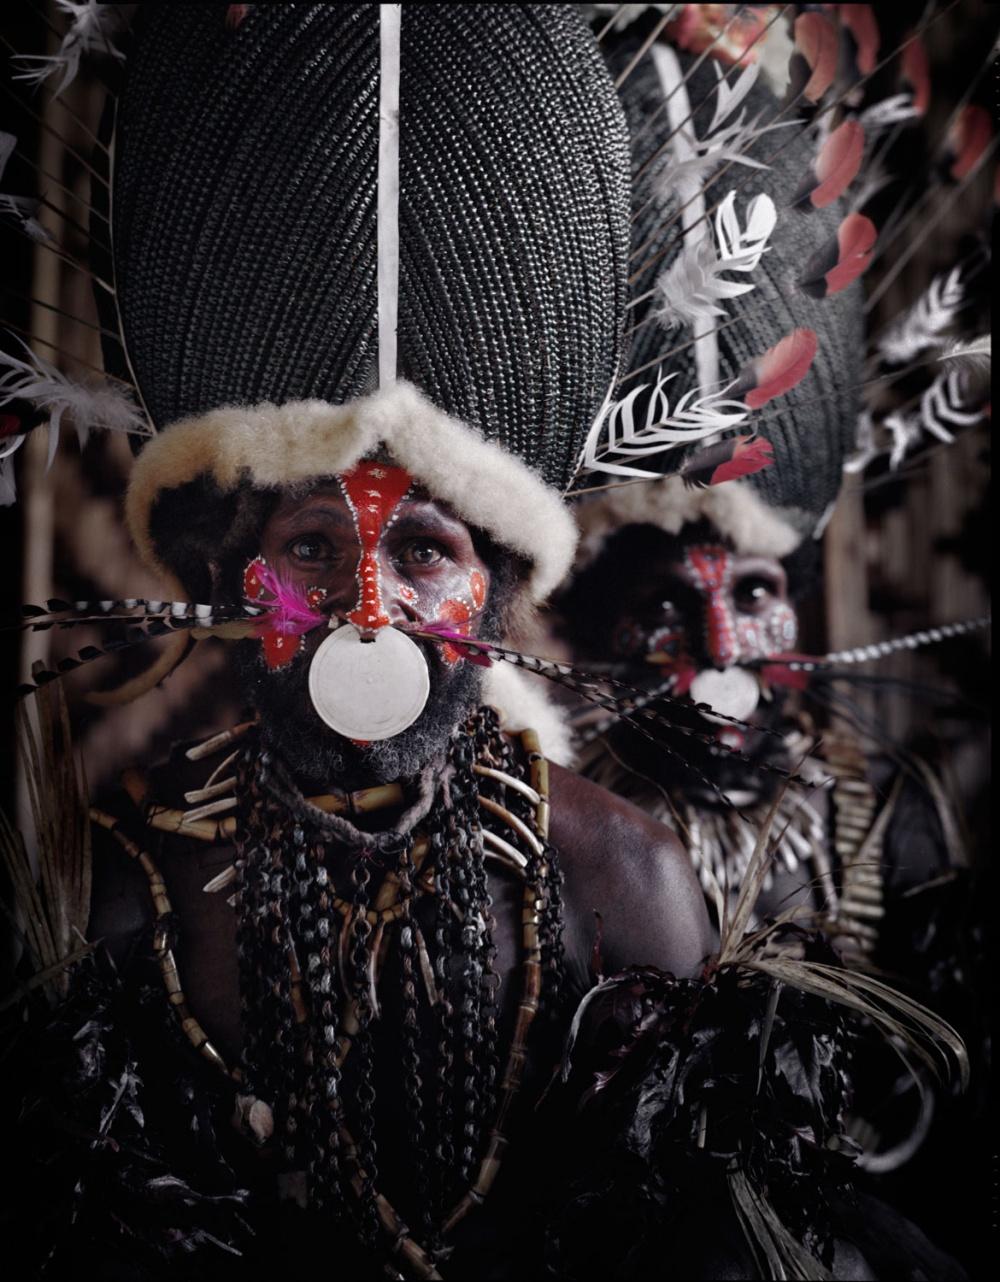 Мужчины трепетно относятся ксвоему внешнему виду— покрывают тела орнаментом, ожерельями изклювов